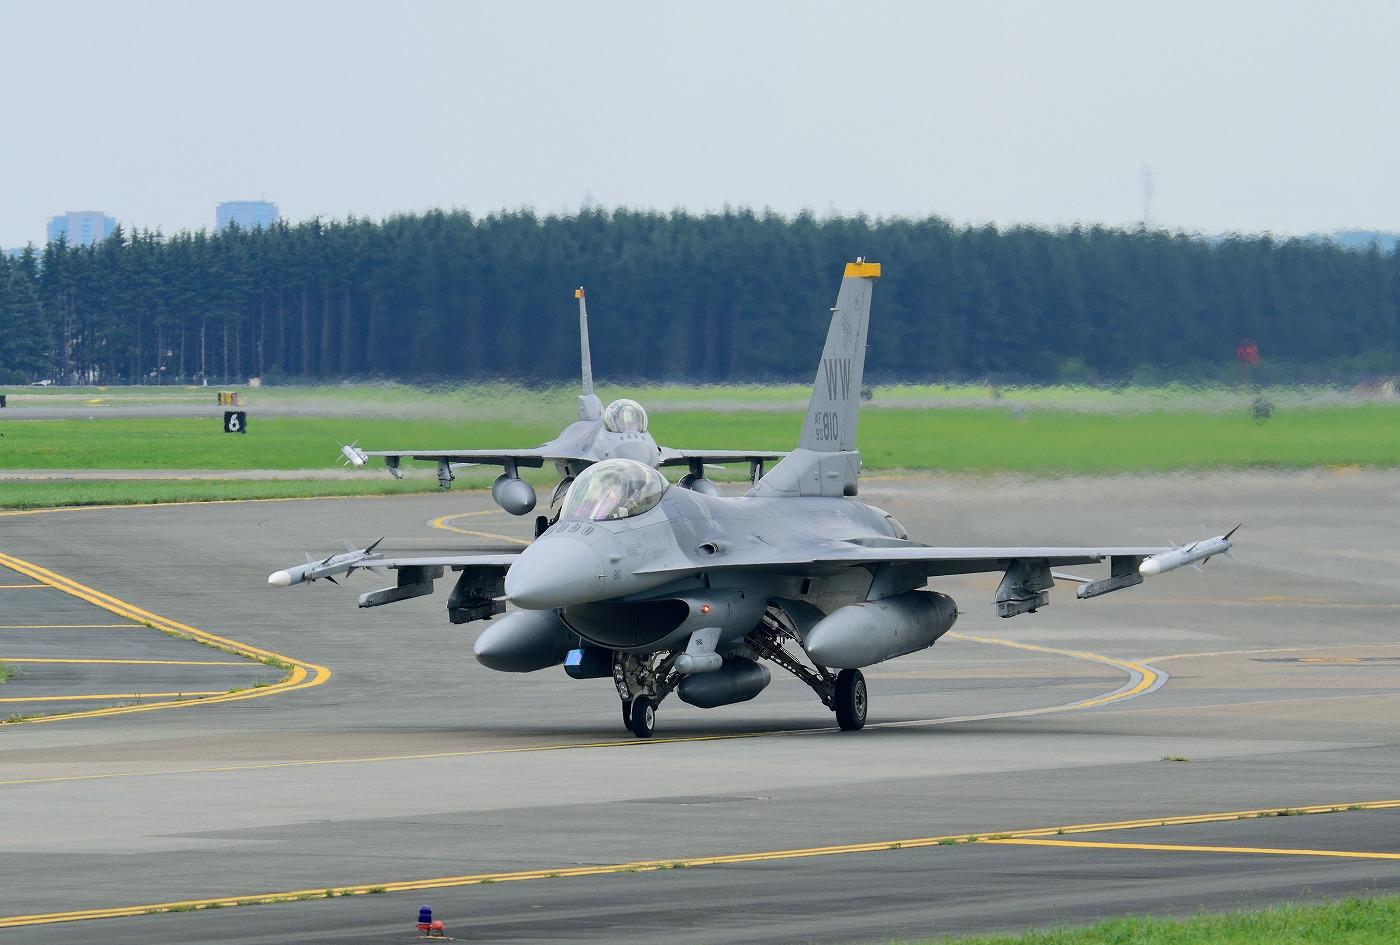 F16cm150724g974